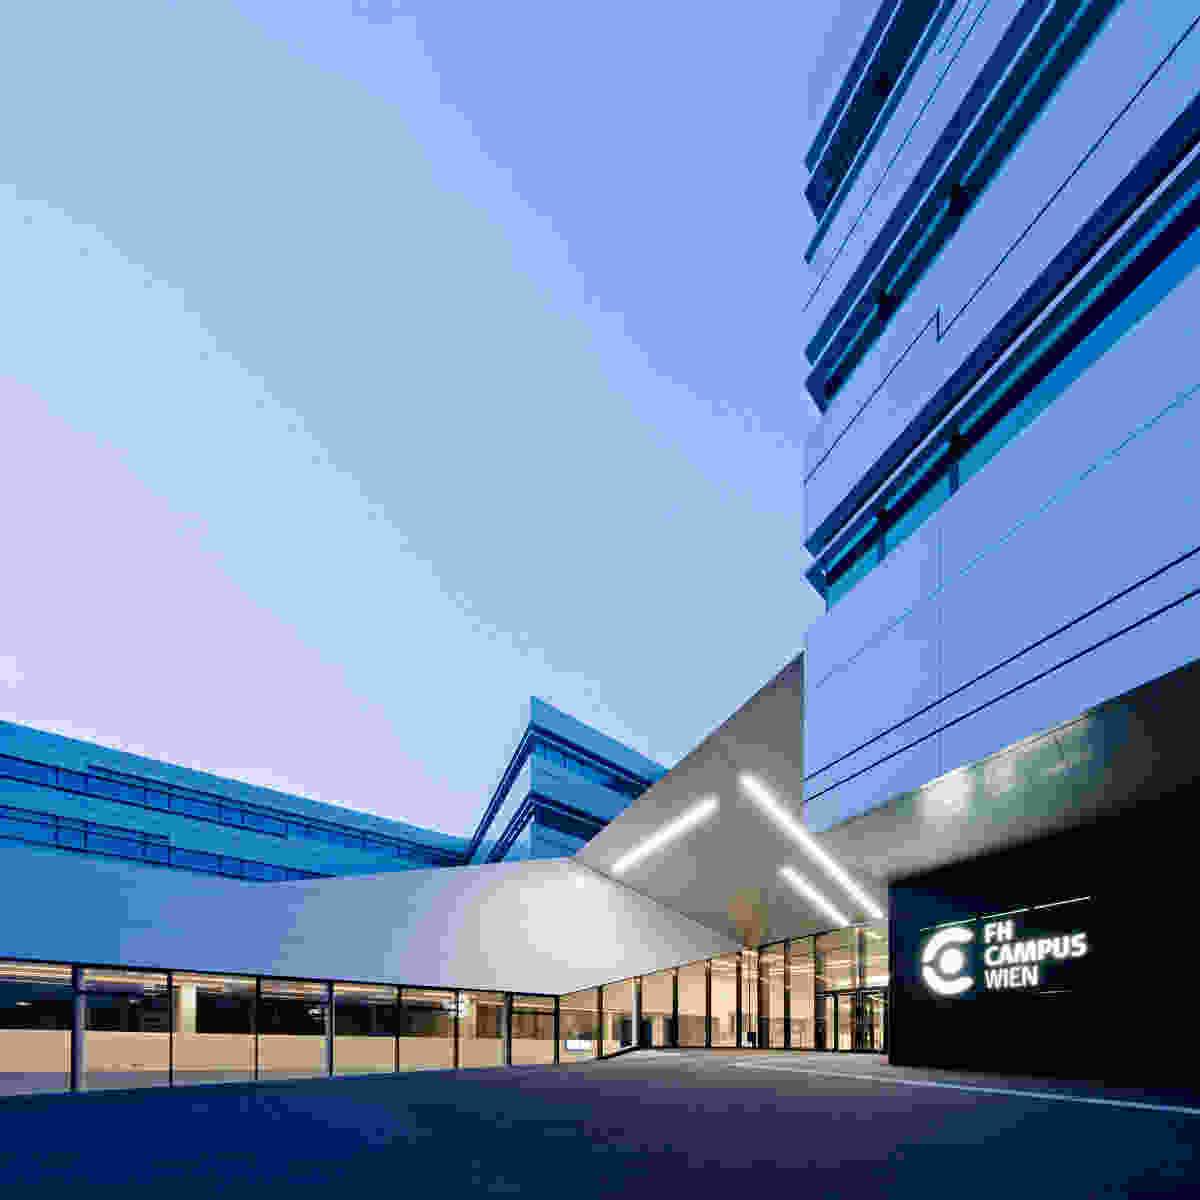 136 FH Campus Vienna Herta Hurnaus 035 entrance